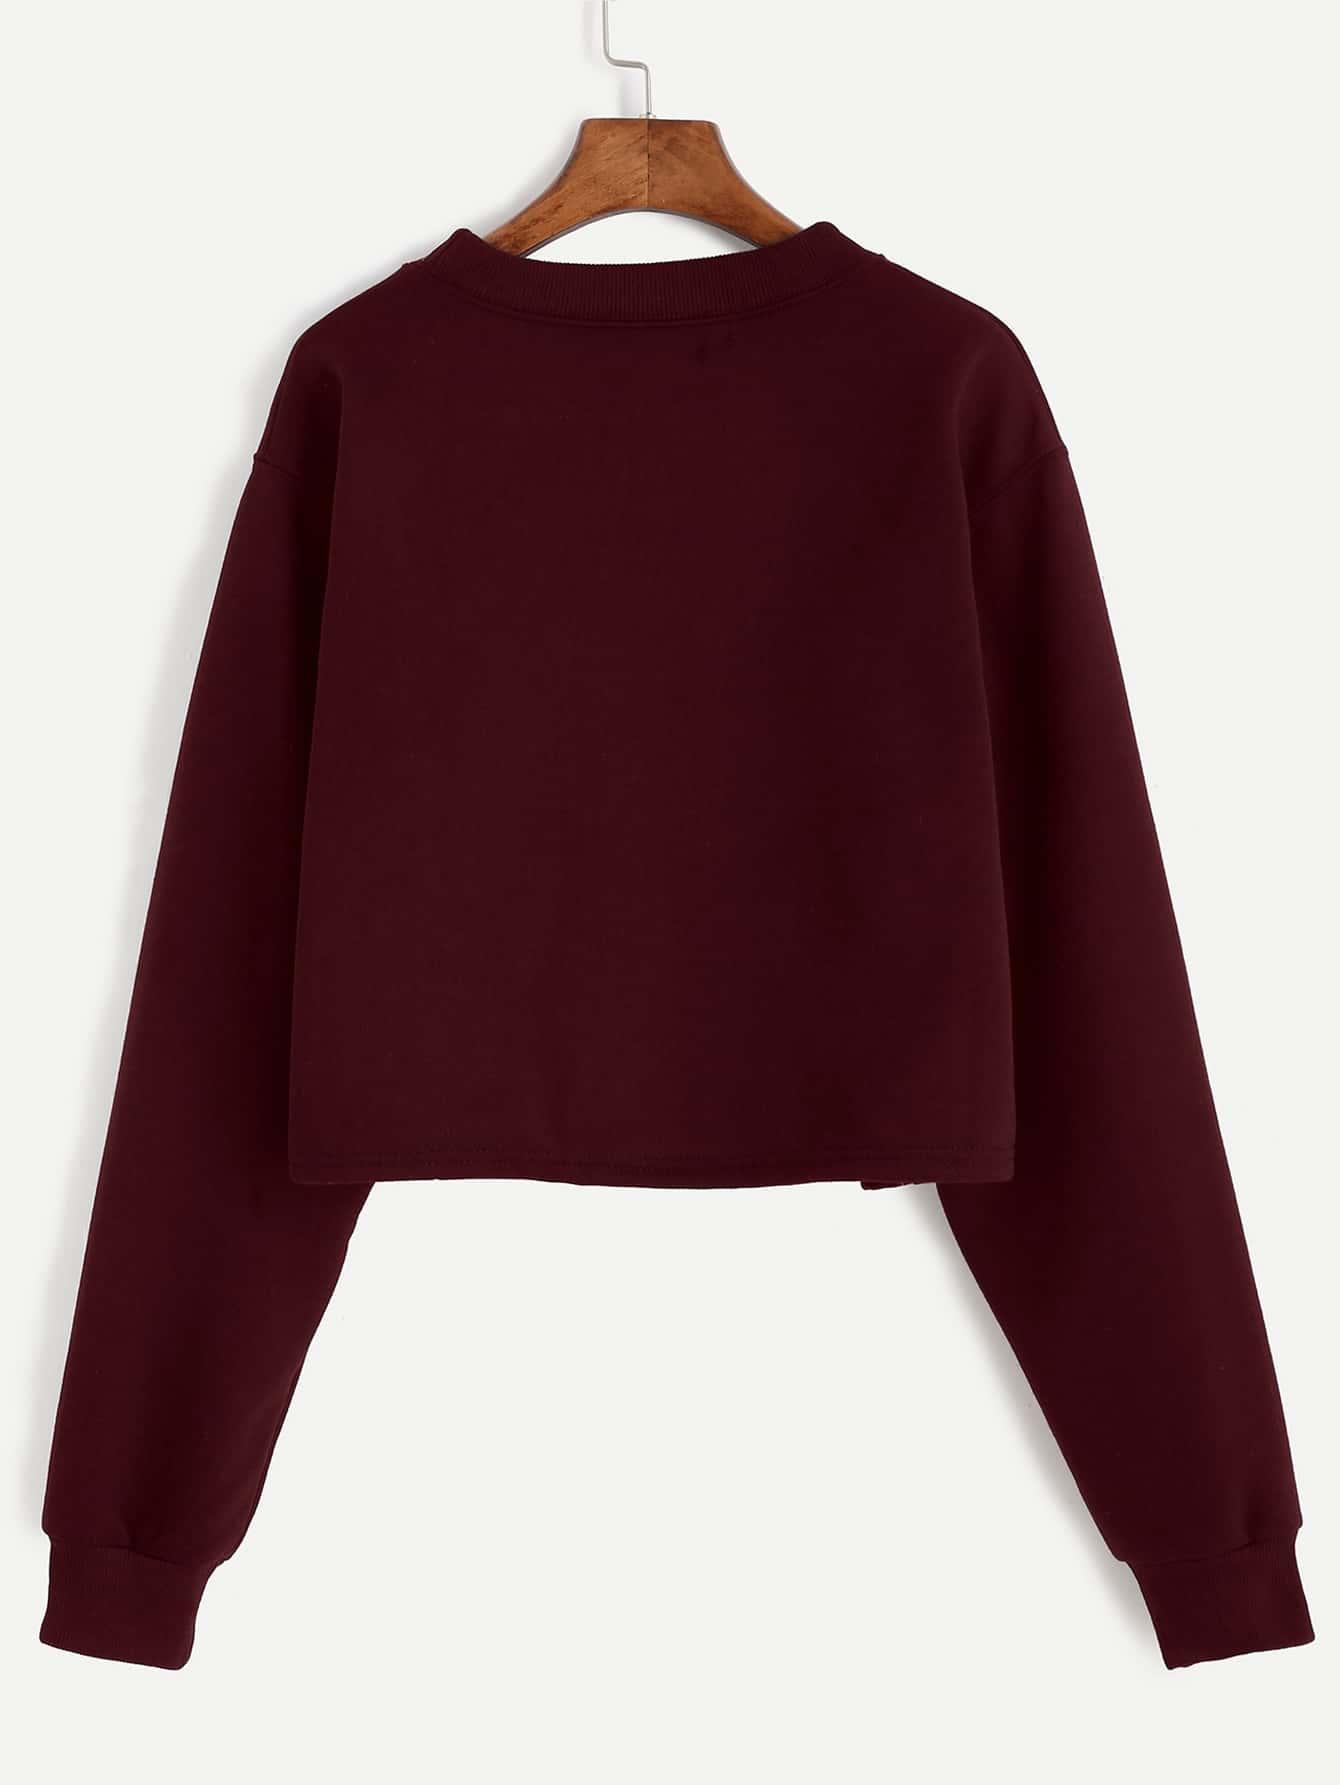 sweatshirt161019104_2